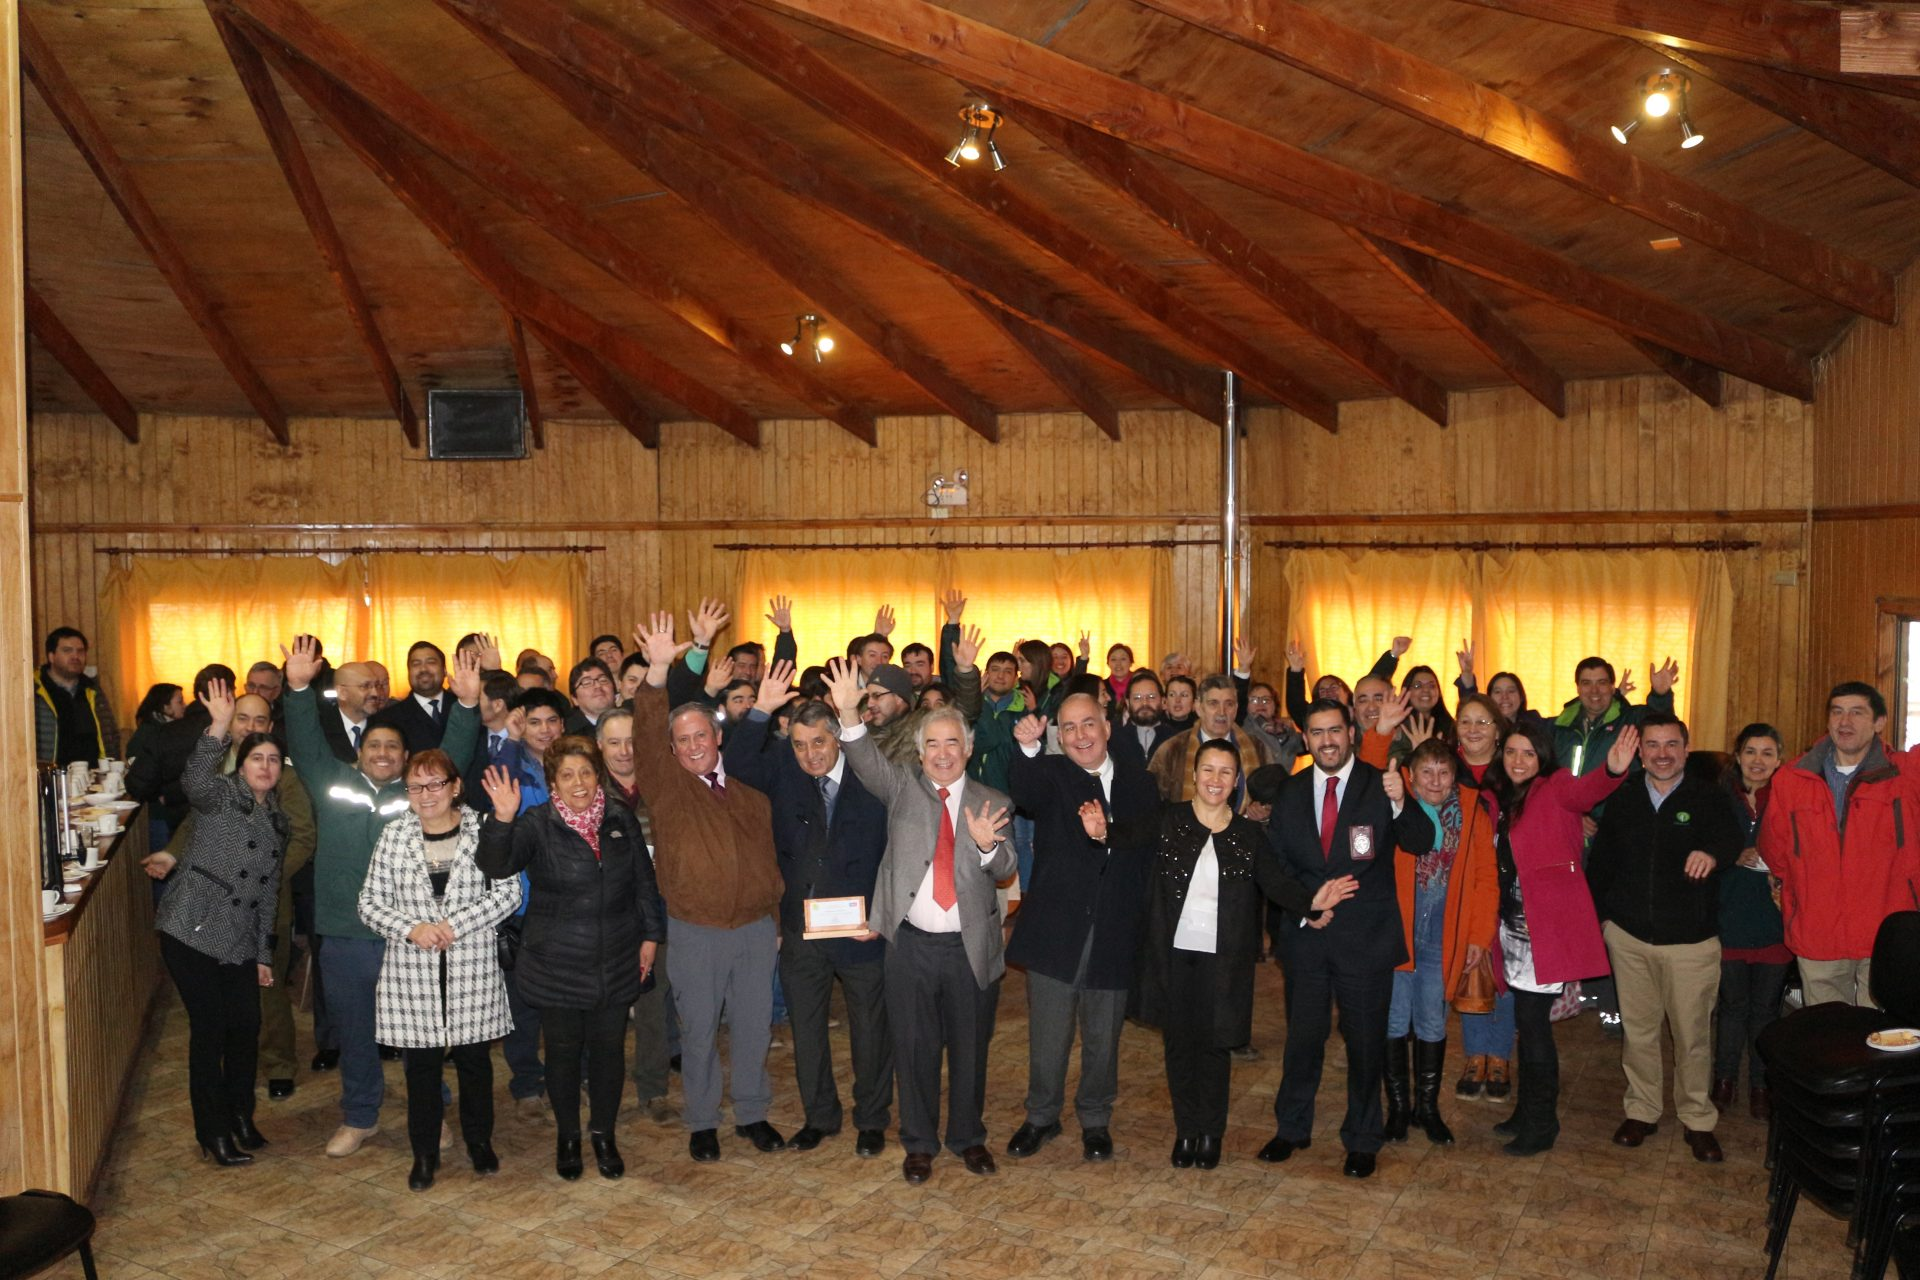 Servicio Agrícola y Ganadero SAG celebró sus 51 años en la región de Aysén